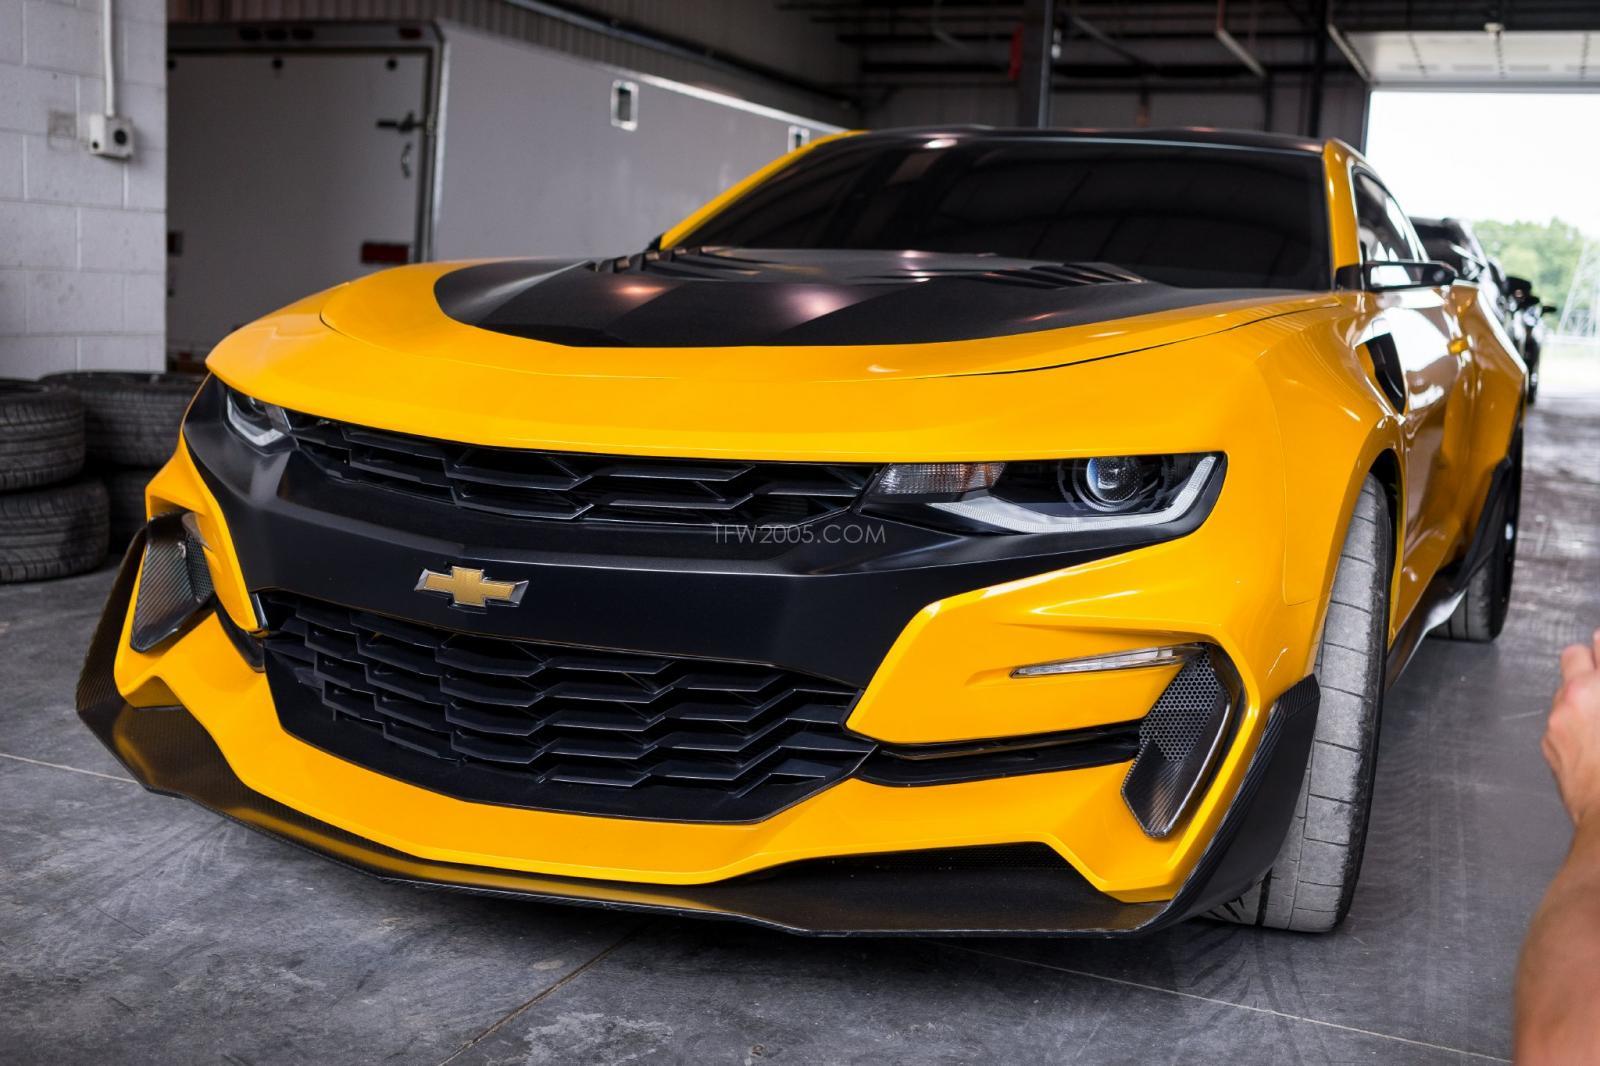 Transformers 5 Set Visit Pics Bumblebee Camaro Camaro6